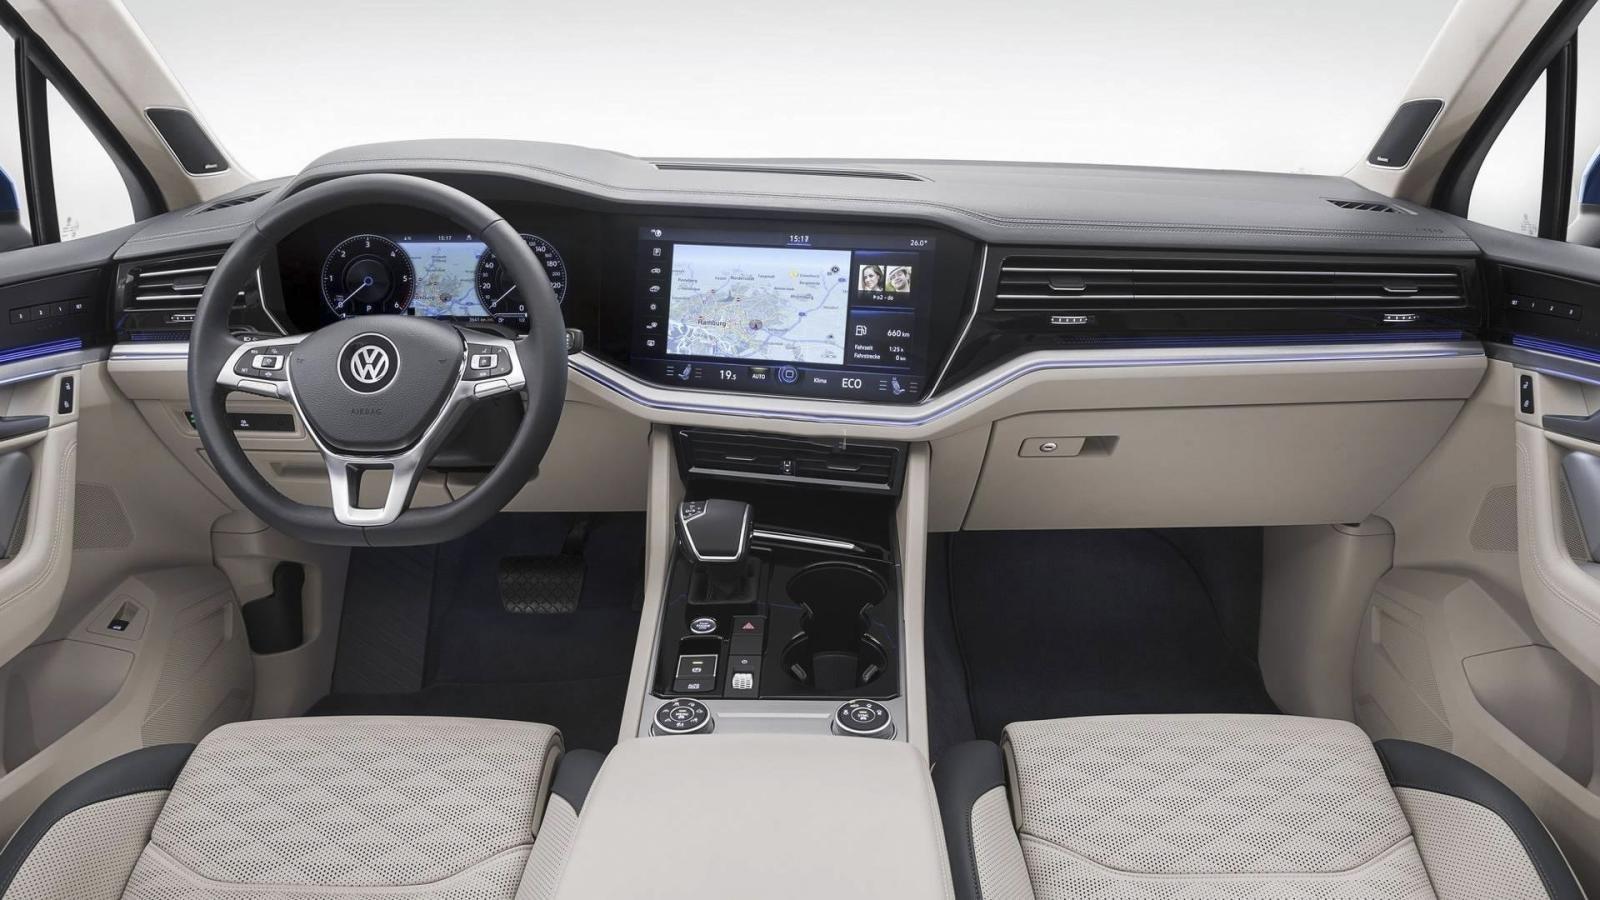 Đánh giá xe Volkswagen Touareg 2019 về bảng táp-lô: mang đậm phong cách thiết kế Innovision Cockpit 2